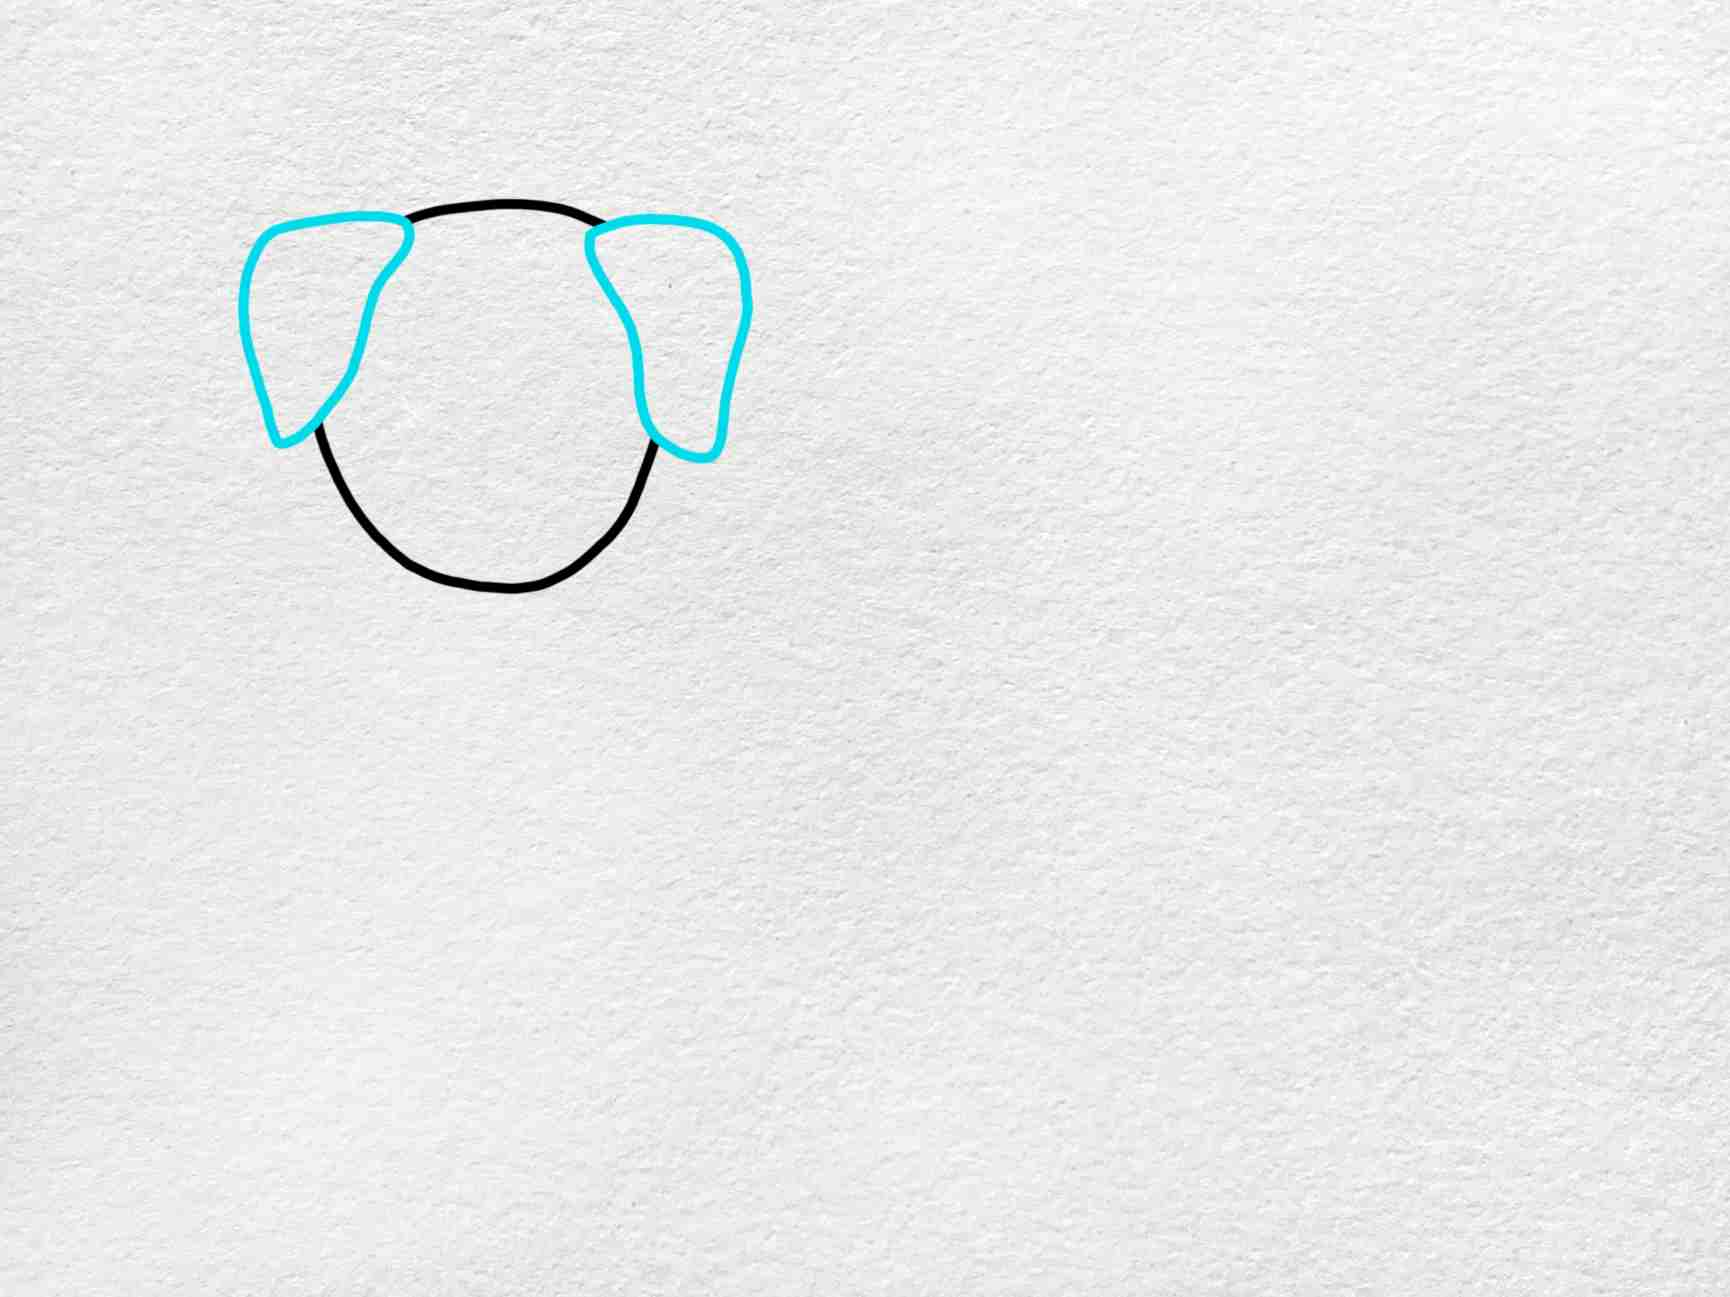 How To Draw A Golden Retriever: Step 2